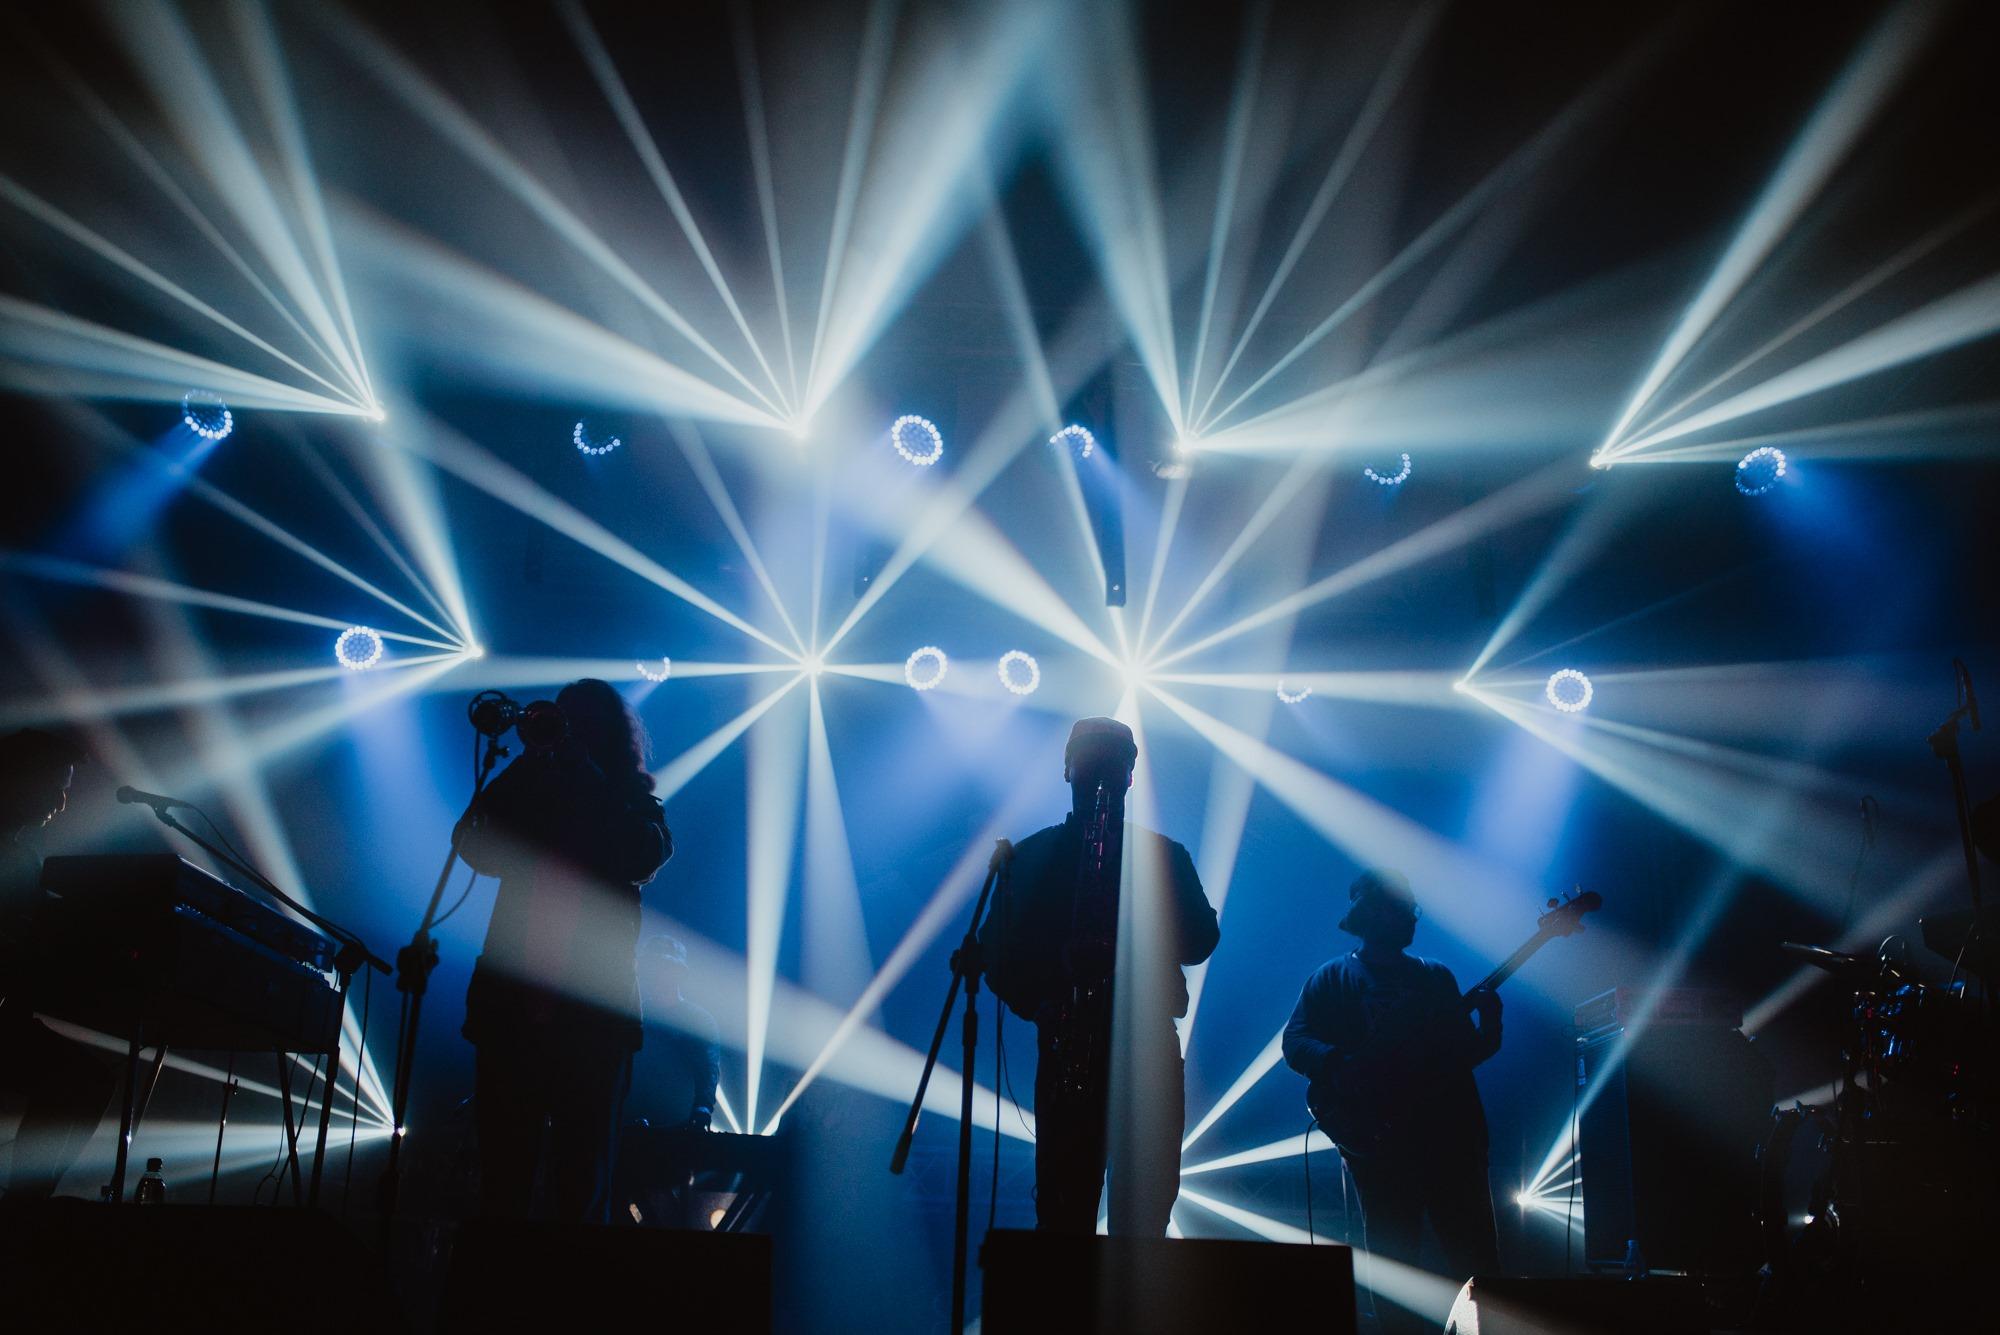 [Zdjęcie z koncertu. Widoczne są ciemne sylwetki trzech osób grających na instrumentach muzycznych. Oświetlenie nad nimi jest niebieskie rozproszone białym światłem na kształt promieni słonecznych.]